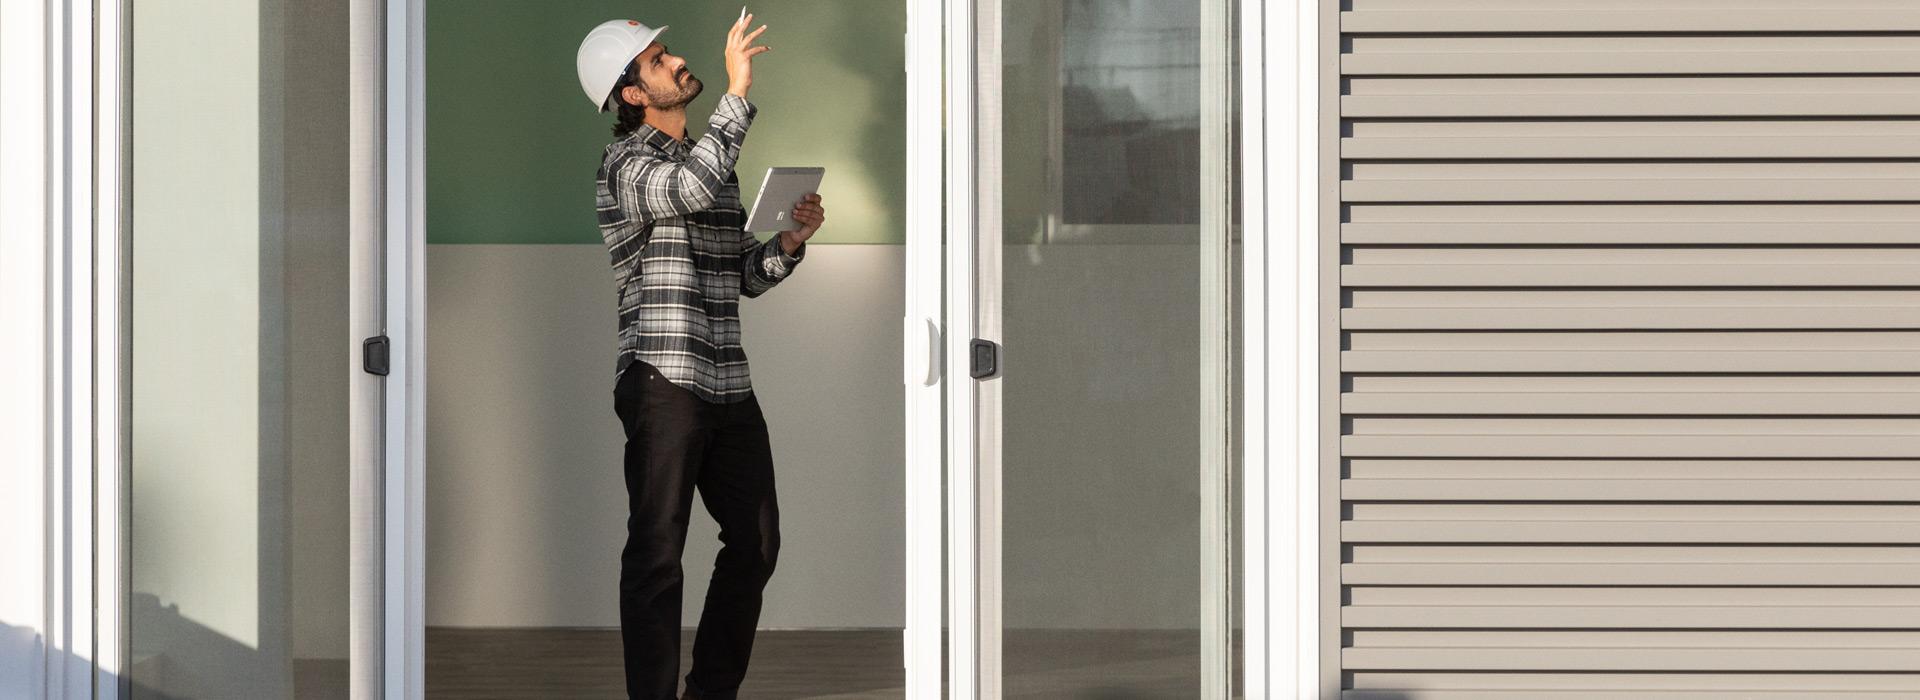 พนักงานคนหนึ่งที่สวมหมวกนิรภัยในอาคารที่พักอาศัย ถือ Surface Go 2 ในโหมดแท็บเล็ต